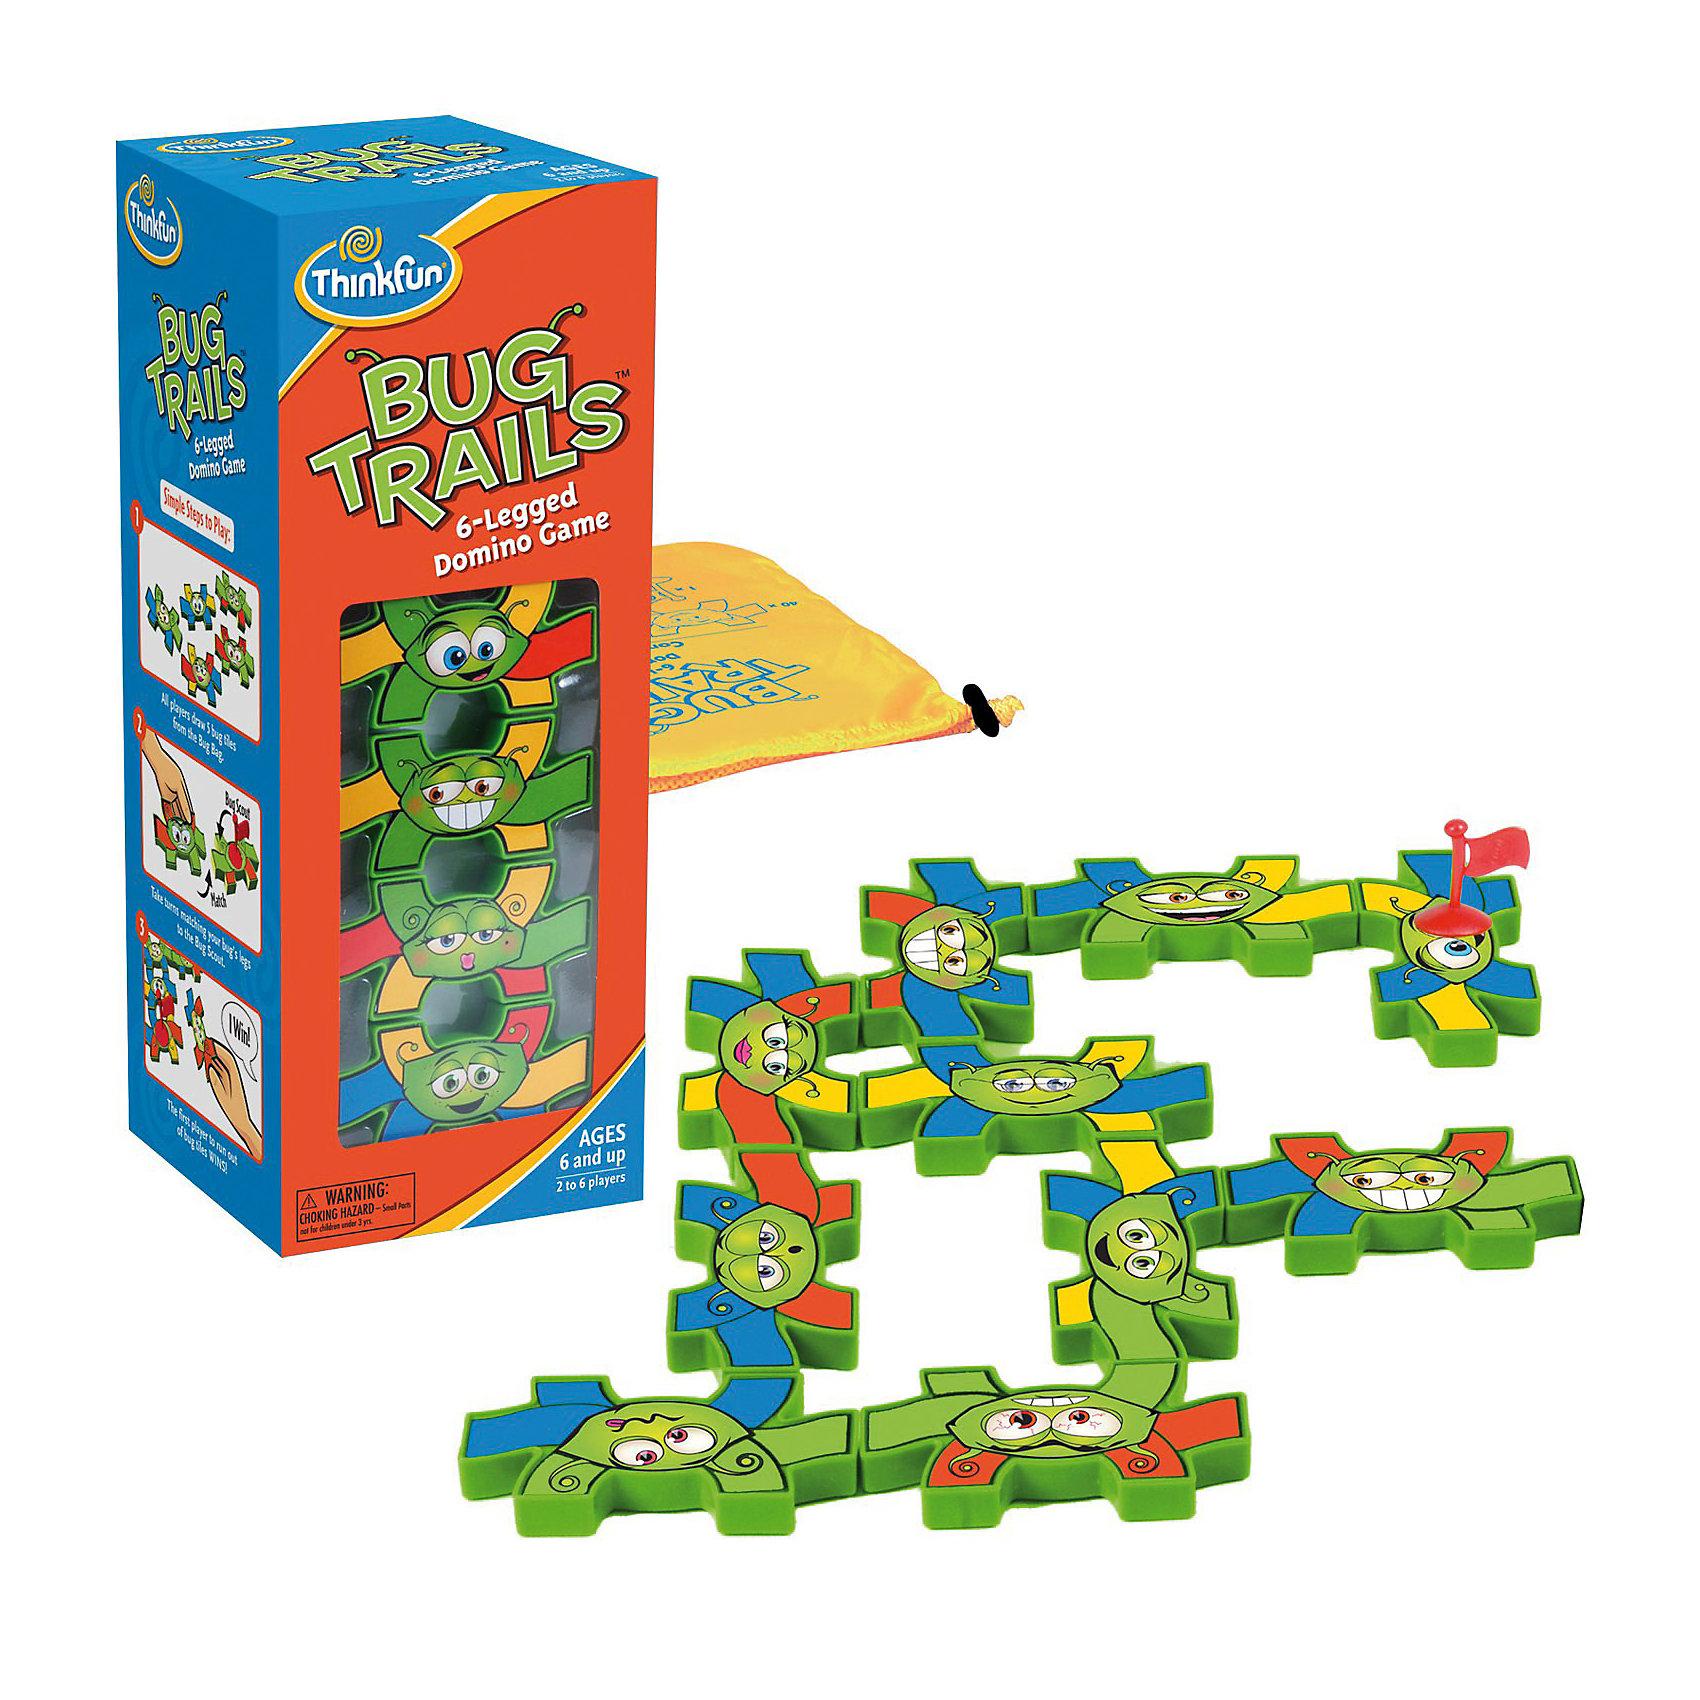 Игра Муравьиная тропинка, ThinkfunИгры для развлечений<br>5980-RU Муравьиная Тропинка - Bug Trails<br>Красочное домино для детей с оригинальными правилами.<br> Цель игры: Первым избавиться от всех своих фишек.<br>Правила игры:<br> - Игроки набирают по 5 фишек из мешка с фишками.<br> - Первый игрок выкладывает любую из своих фишек, ставит на нее флаг Муравья-скаута<br> - По очереди каждый игрок старается выложить одну из своих фишек так, чтобы хотя бы одна из ножек совпала по цвету с ножкой Муравья-скаута;<br> - При совпадении одной ножки (или когда вообще нет возможности выложить фишку) игрок берет новую фишку из мешка.<br> - При совпадении двух ножек игрок НЕ берет новую фишку из мешка.<br> - При совпадении трех или более ножек игрок может скинуть любую из своих фишек обратно в мешок.<br> - Флаг муравья-скаута перемещается на последнюю выложенную фишку. Ход переходит к следующему игроку.<br>* коробка полностью переведена на русский<br><br>Ширина мм: 300<br>Глубина мм: 260<br>Высота мм: 60<br>Вес г: 390<br>Возраст от месяцев: 36<br>Возраст до месяцев: 144<br>Пол: Унисекс<br>Возраст: Детский<br>SKU: 2604189